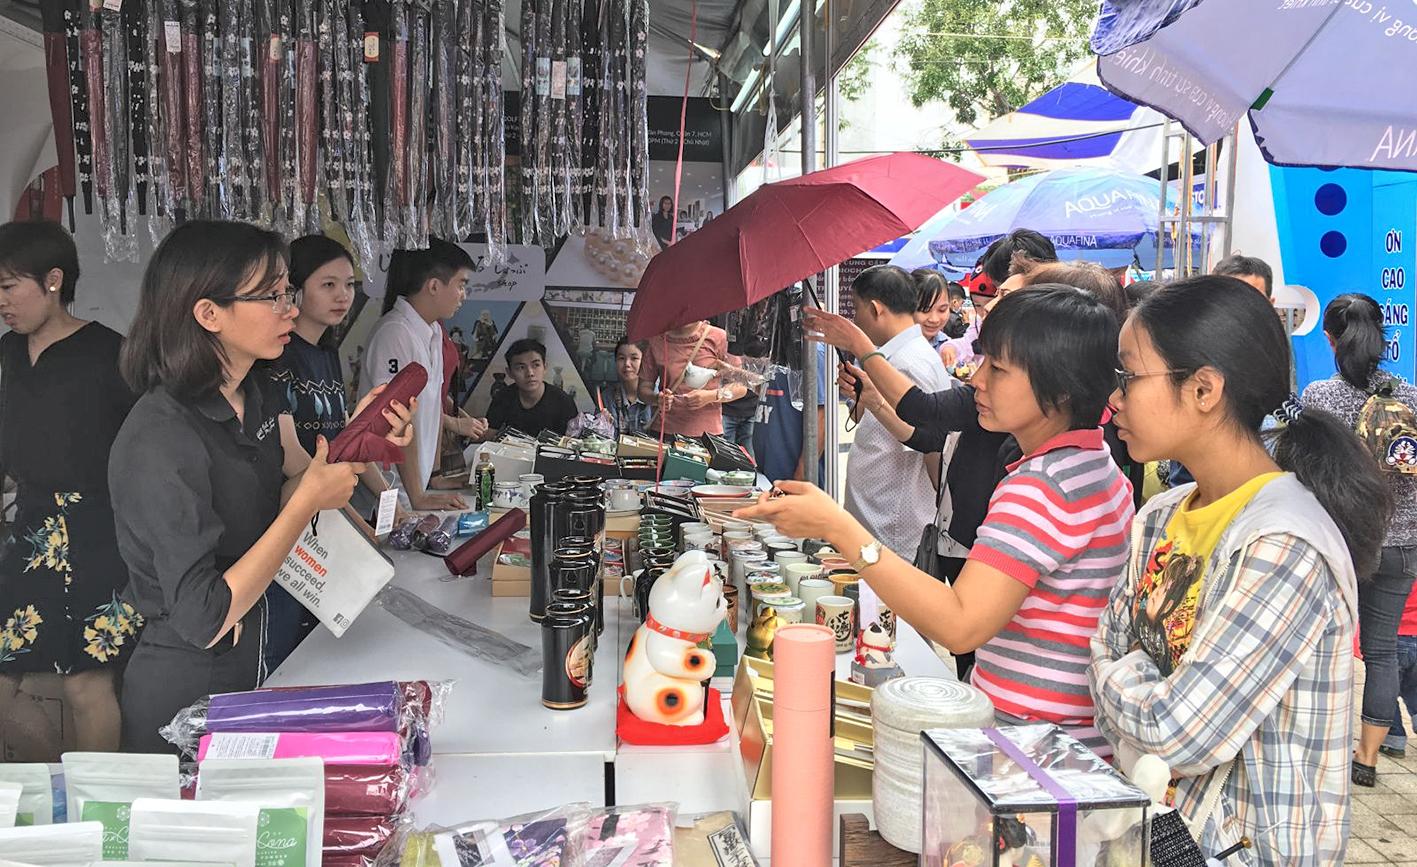 Giao thương tại Chương trình giao lưu văn hóa và thương mại Việt Nam - Nhật Bản lần thứ 3 tại TP Cần Thơ.